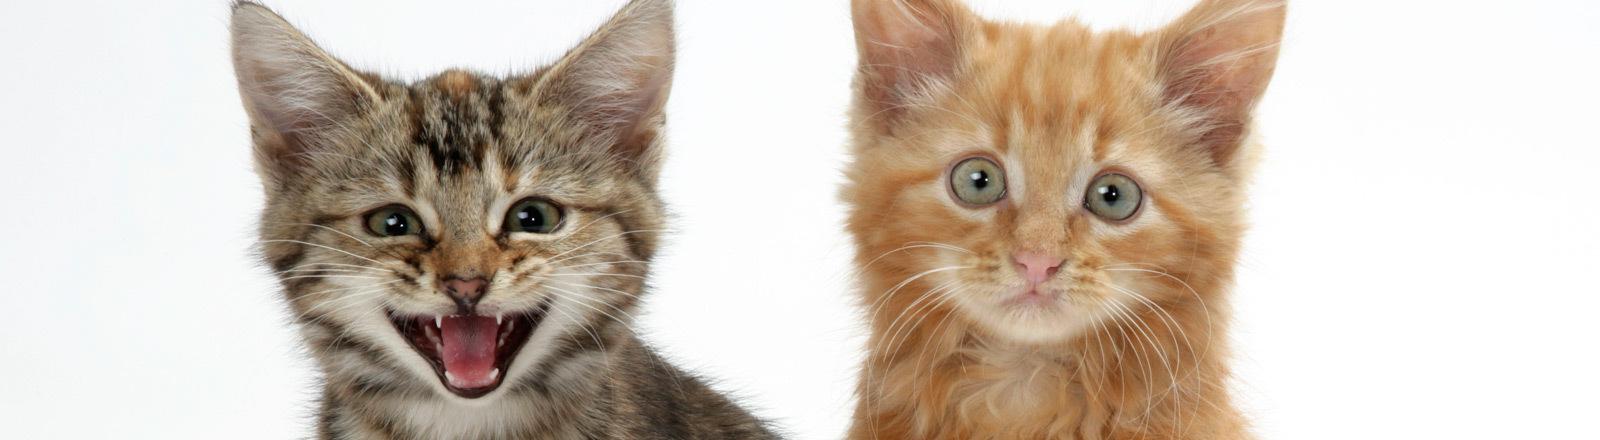 Zwei Katzenjunge.